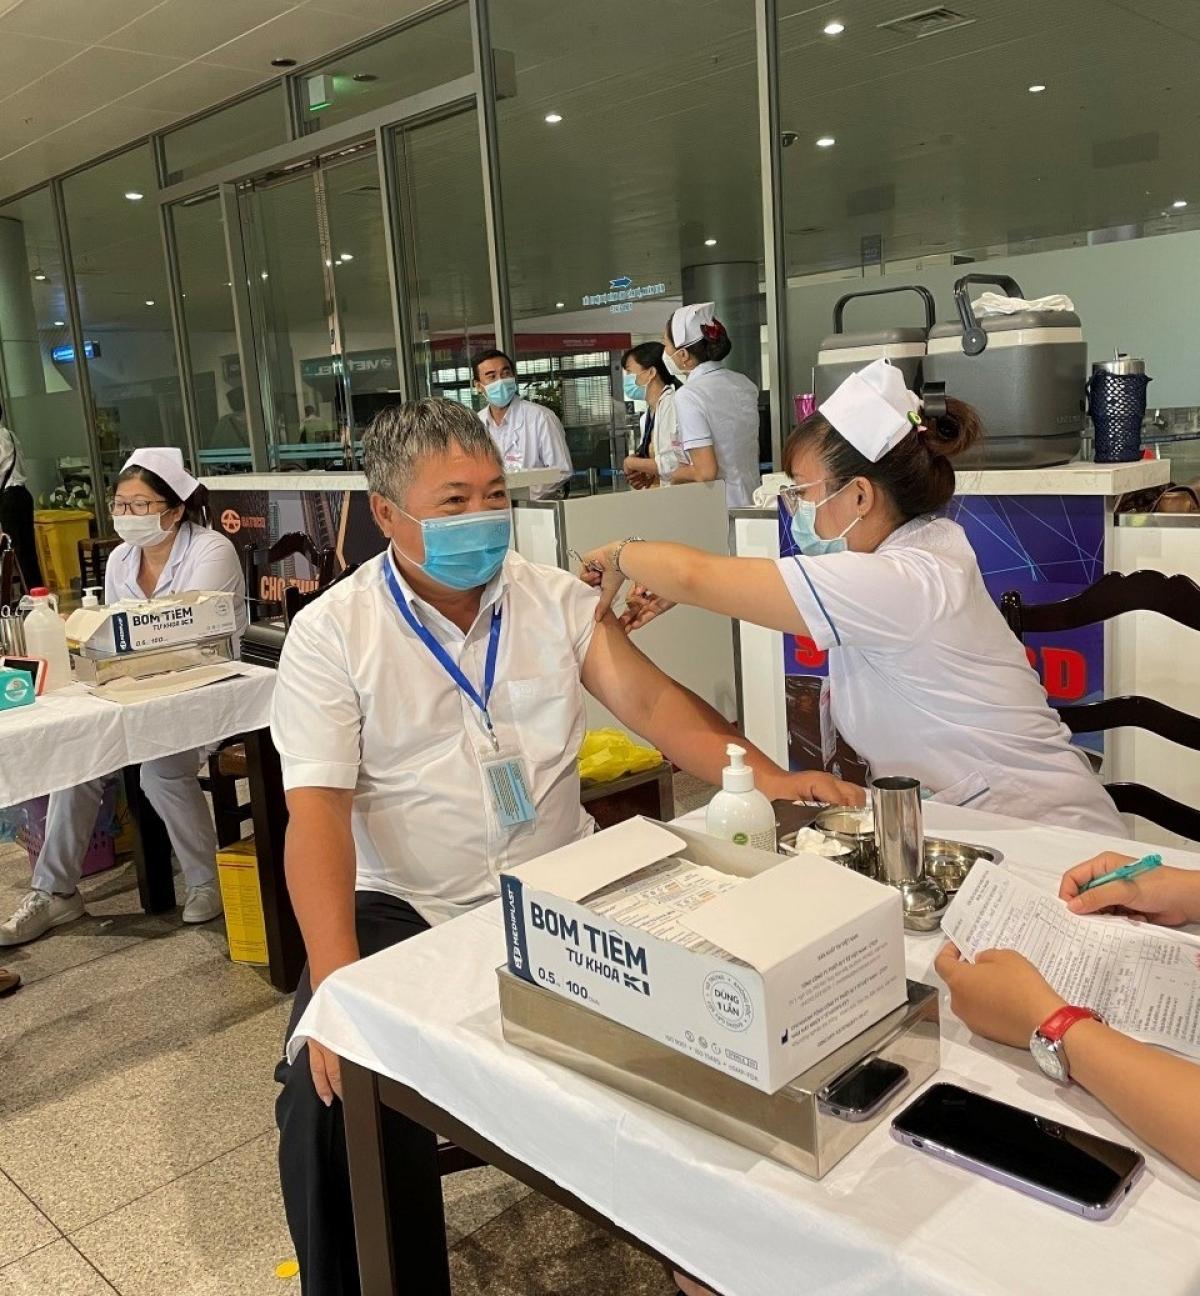 Từ ngày 27/4, hơn 2.000 cán bộ, nhân viên làm việc tại sân bay Tân Sơn Nhất, nhân viên Cảng hàng không Pleiku được đã tiêm vaccine phòng Covid-19.